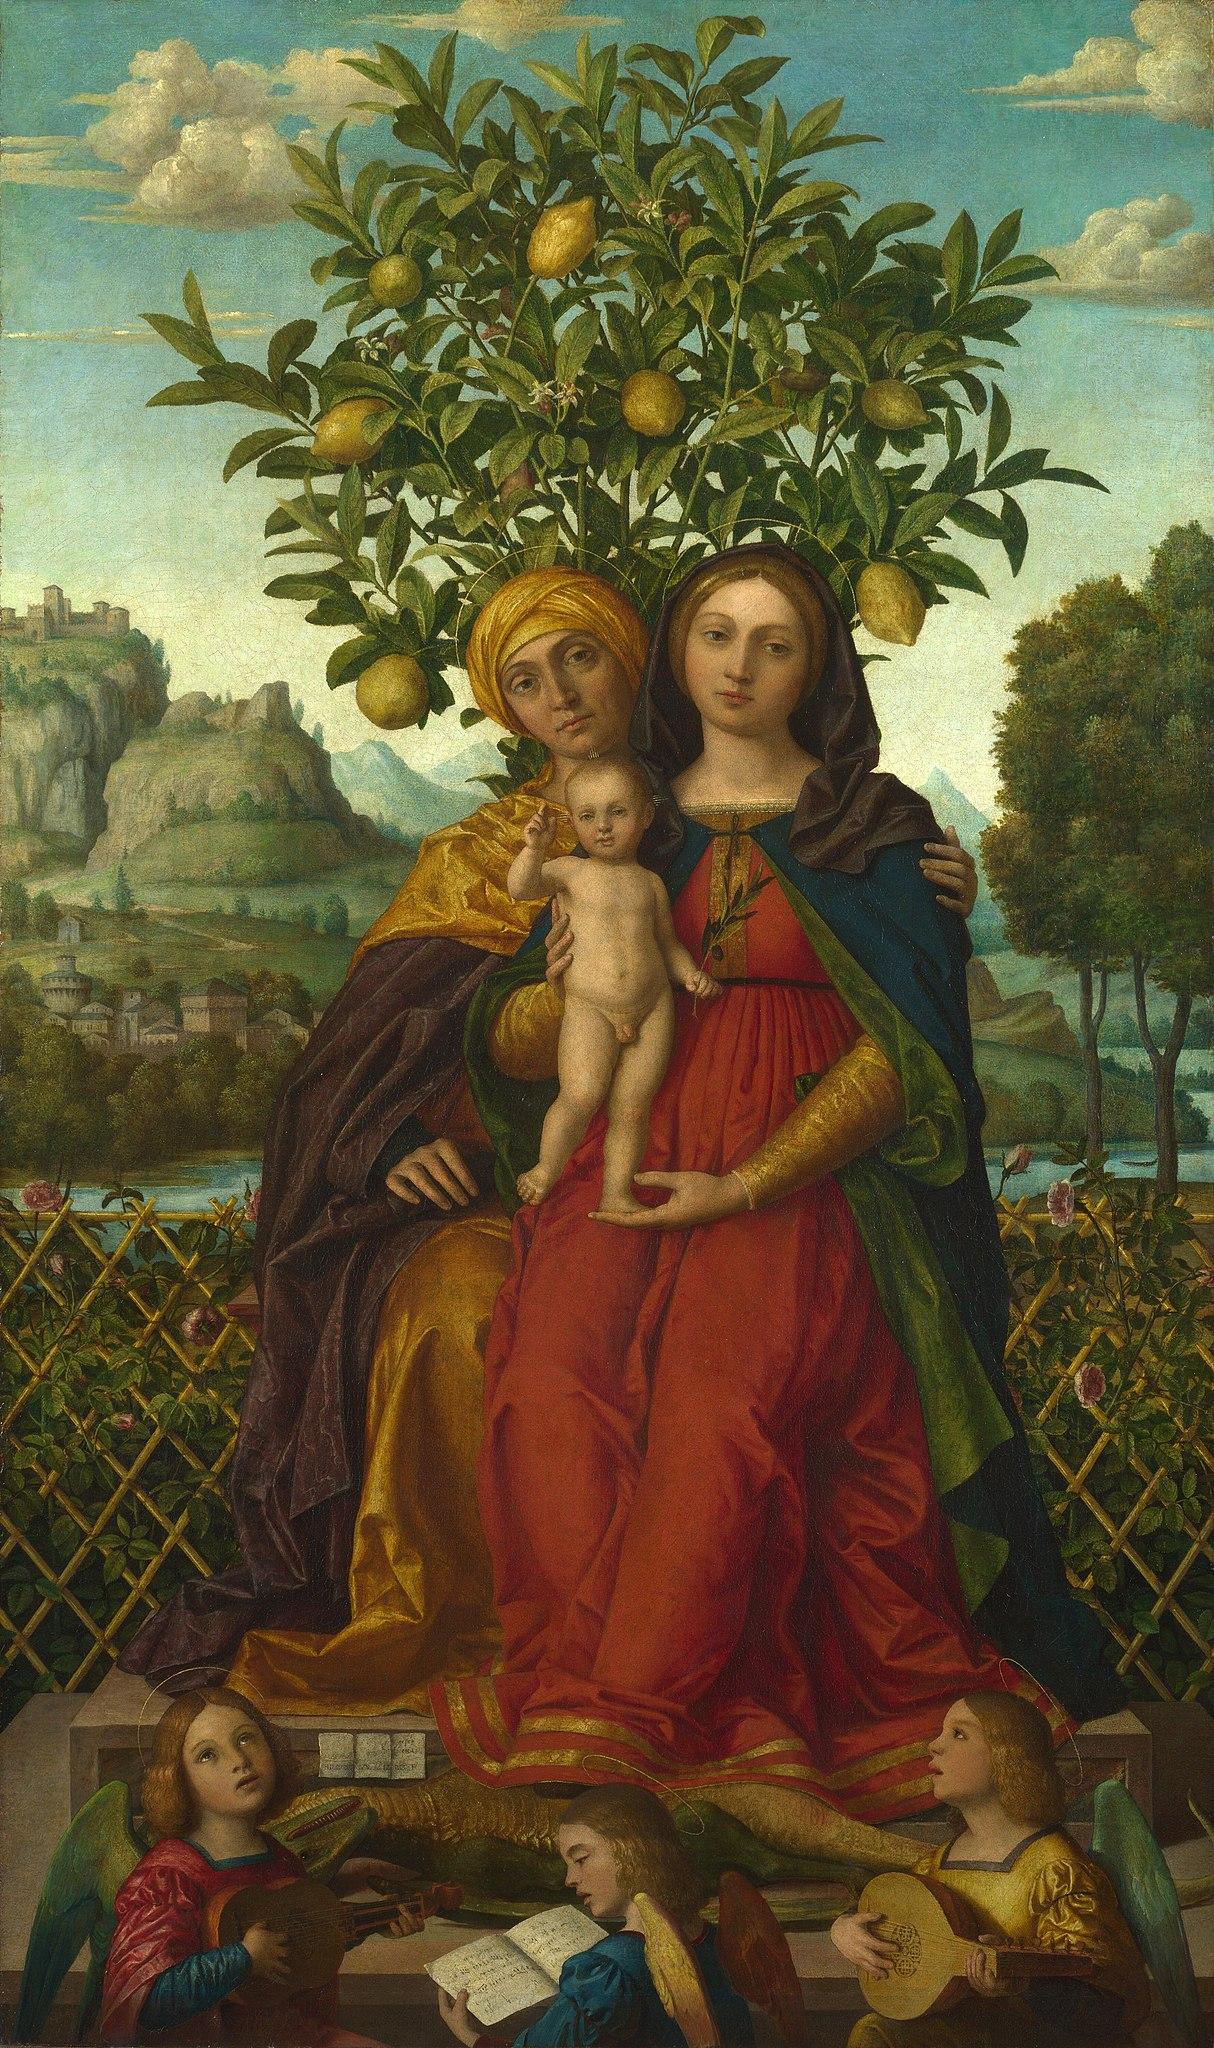 """Girolamo dai Libri, """"Virgin and Child with St Anne"""", between 1510 and 1518, National Gallery, London. Особенно часто Мадонну можно увидеть в окружении цитрусовых, а именно лимонов. Цитрусовые являлись символом вечной жизни, но также принесли человечеству грех и смерть, символизируют добродетель и чистоту, плодородие и любовь. В Библии запретный плод дерева познания остаётся безымянным. Христианство склонно отождествлять его с яблоком. Но есть и знаменитые исключения. В христианском искусстве Ян ван Эйк считается первым художником, который отнес цитрусовые к Древу познания и изобразил это для Гентского алтаря (1432). {4}"""